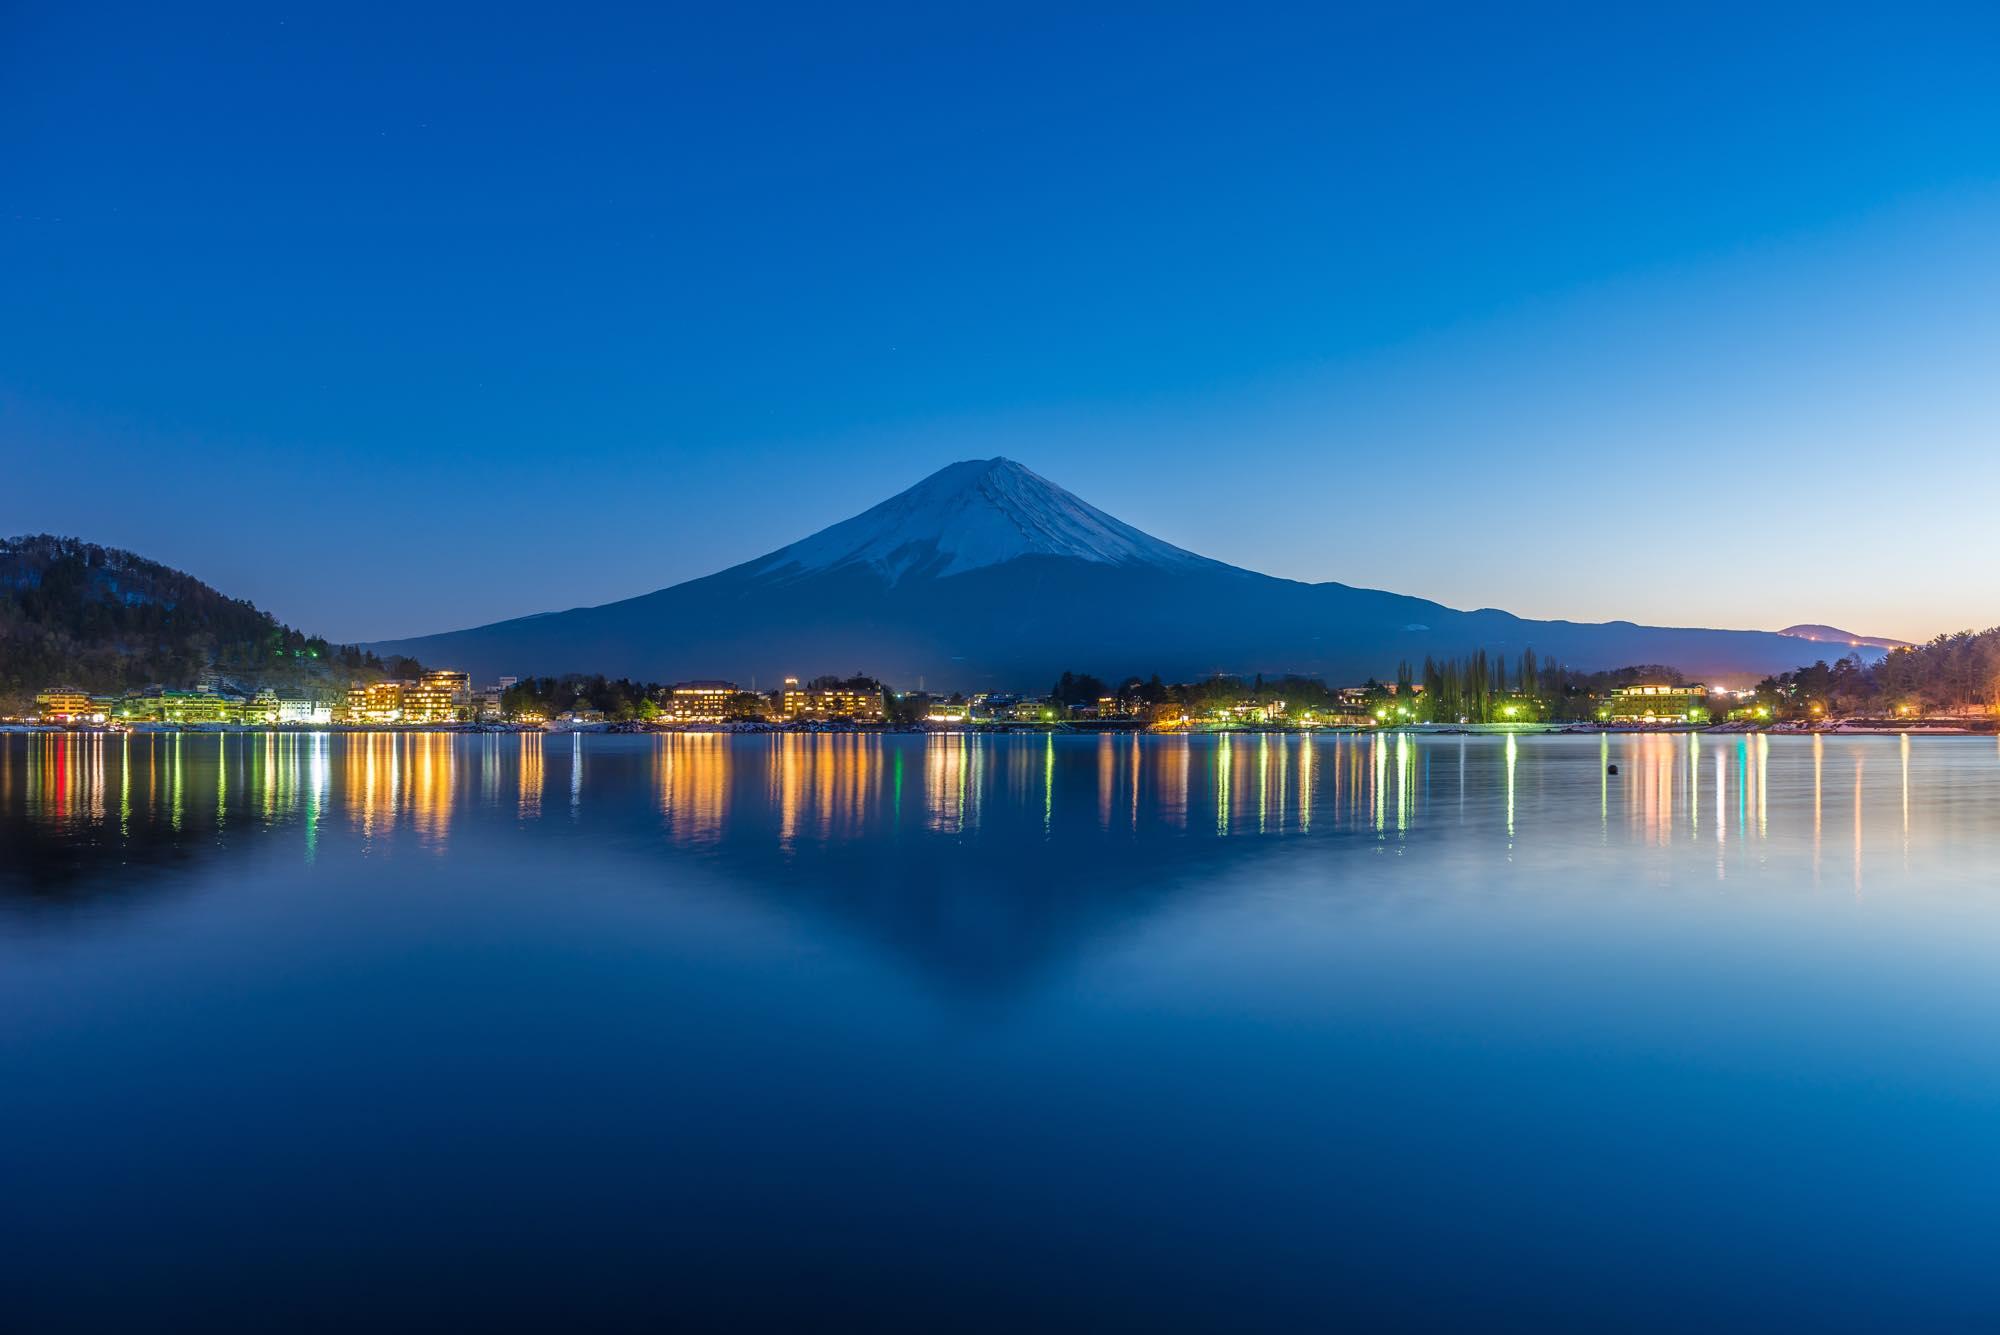 富士山の撮影スポットまとめ。富士山撮影は写真家を惹きつける魅力でいっぱい!